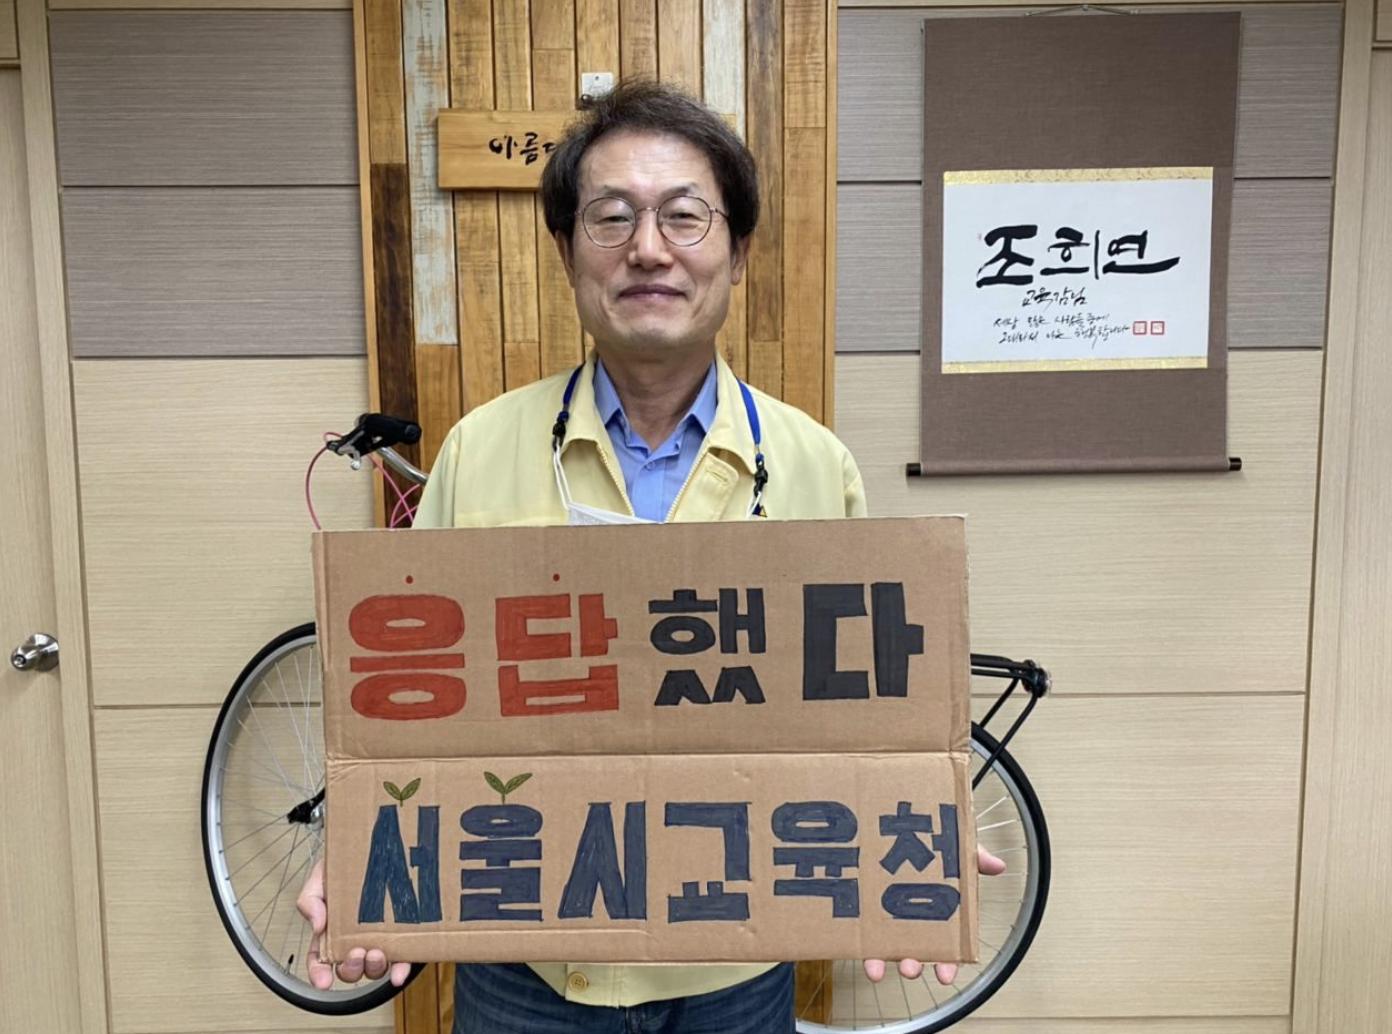 서울시 조희연 교육감이 '응답했다 서울시교육청'이라는 피켓을 들고 있다.